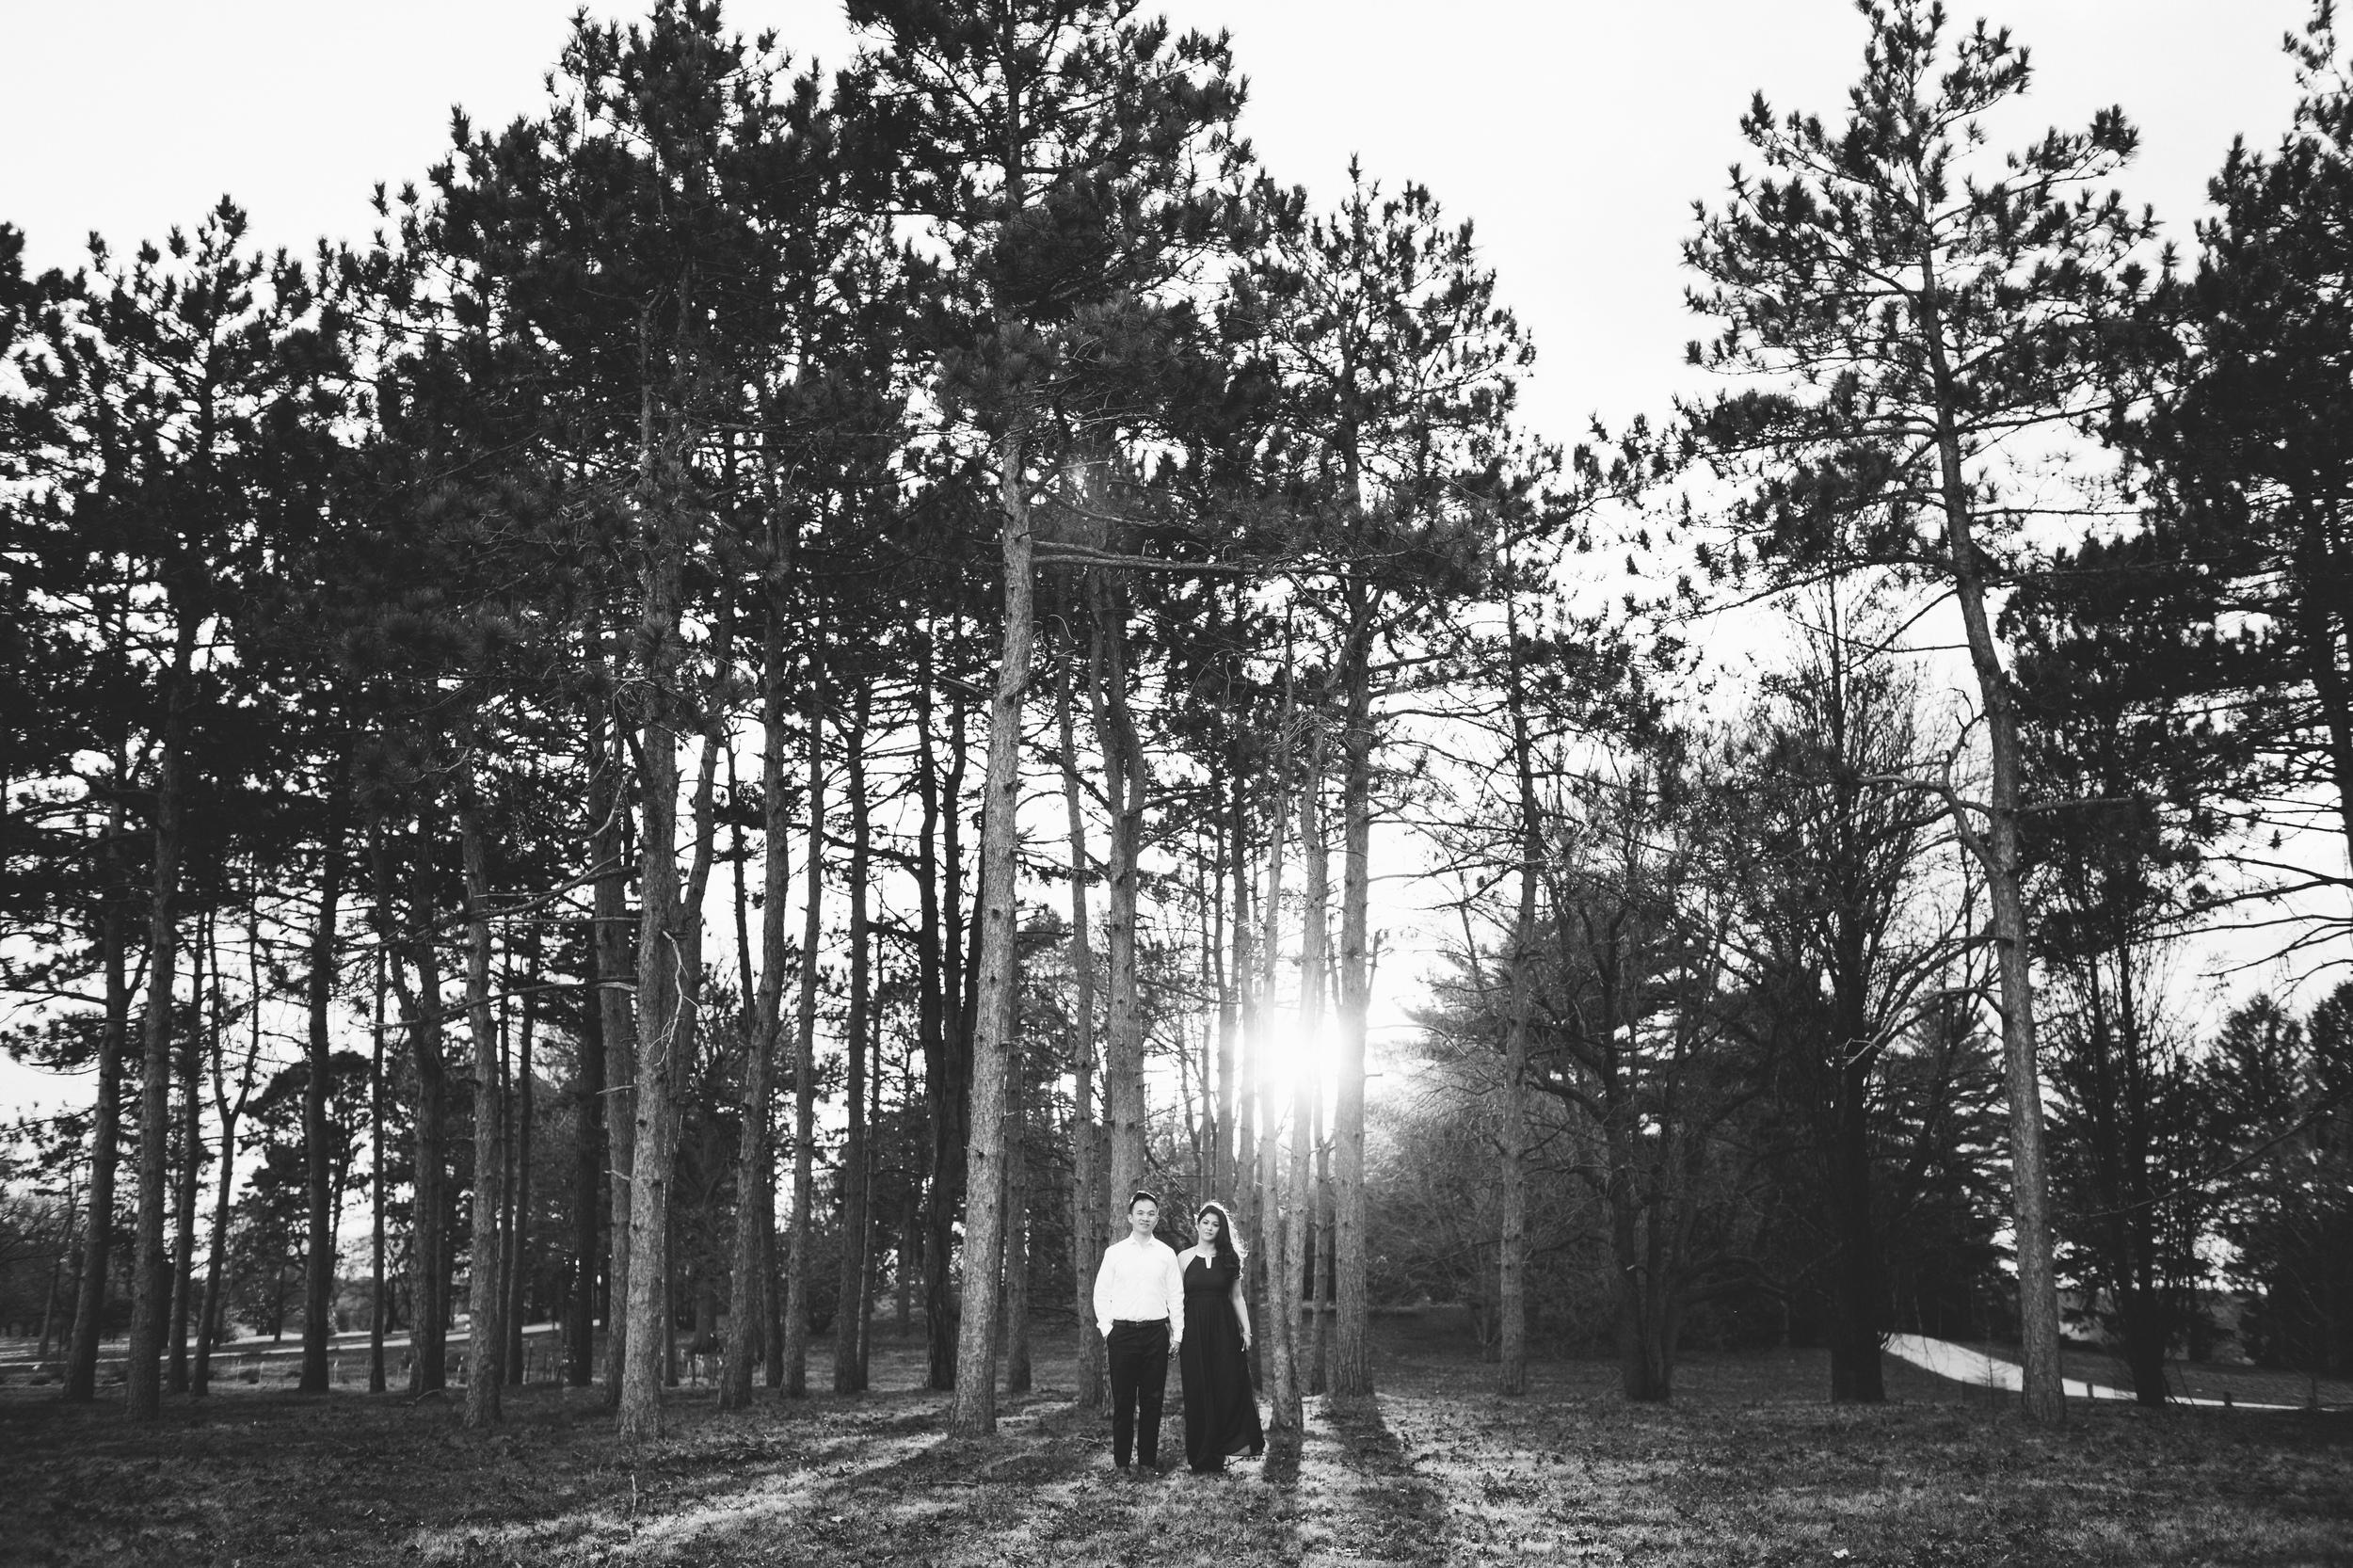 Nicodem Creative_Leung Engagement_Morton Arboretum-13.jpg